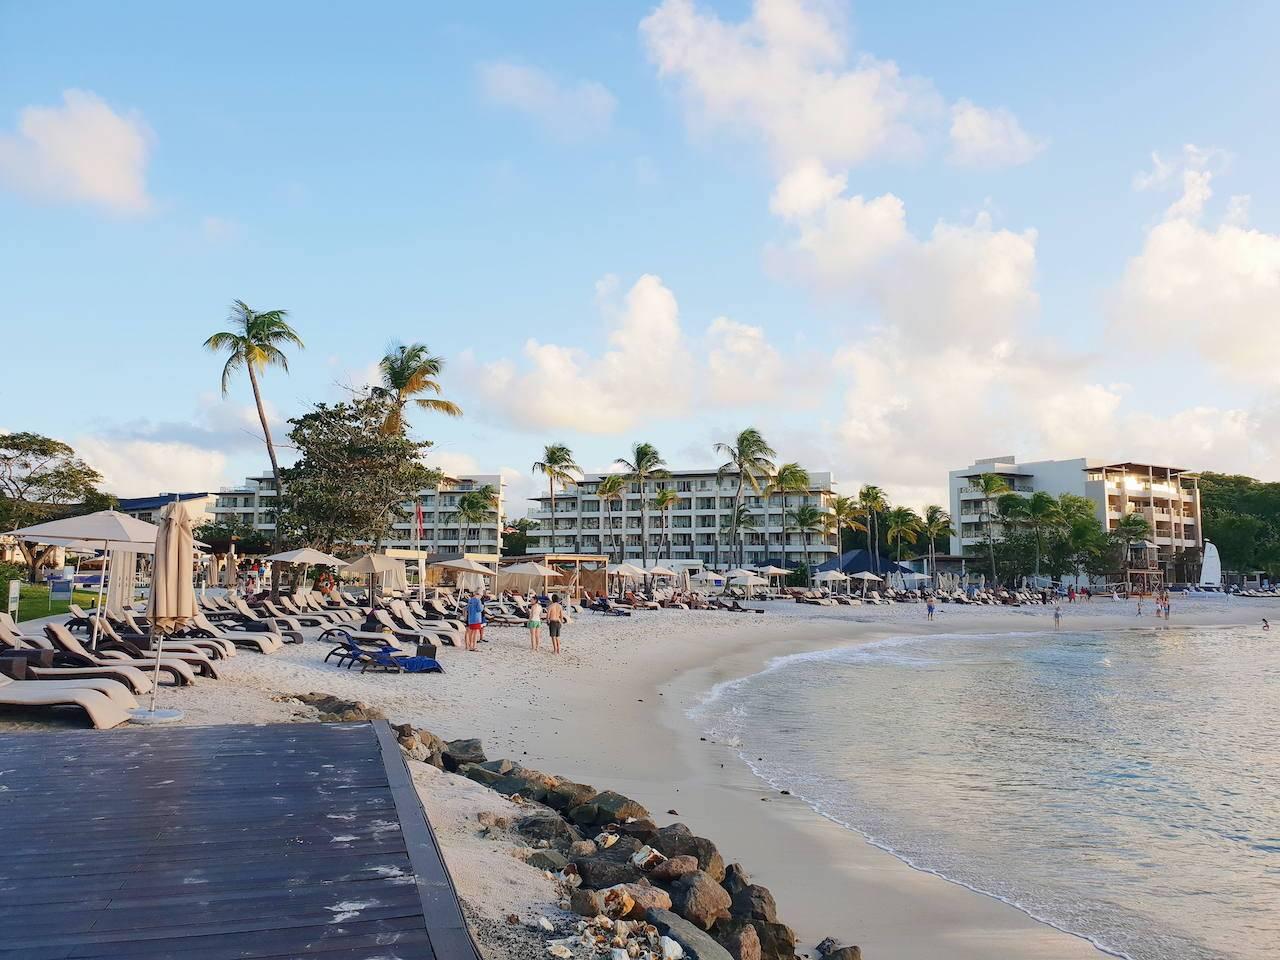 Beach at Royalton Hotel in Saint Lucia